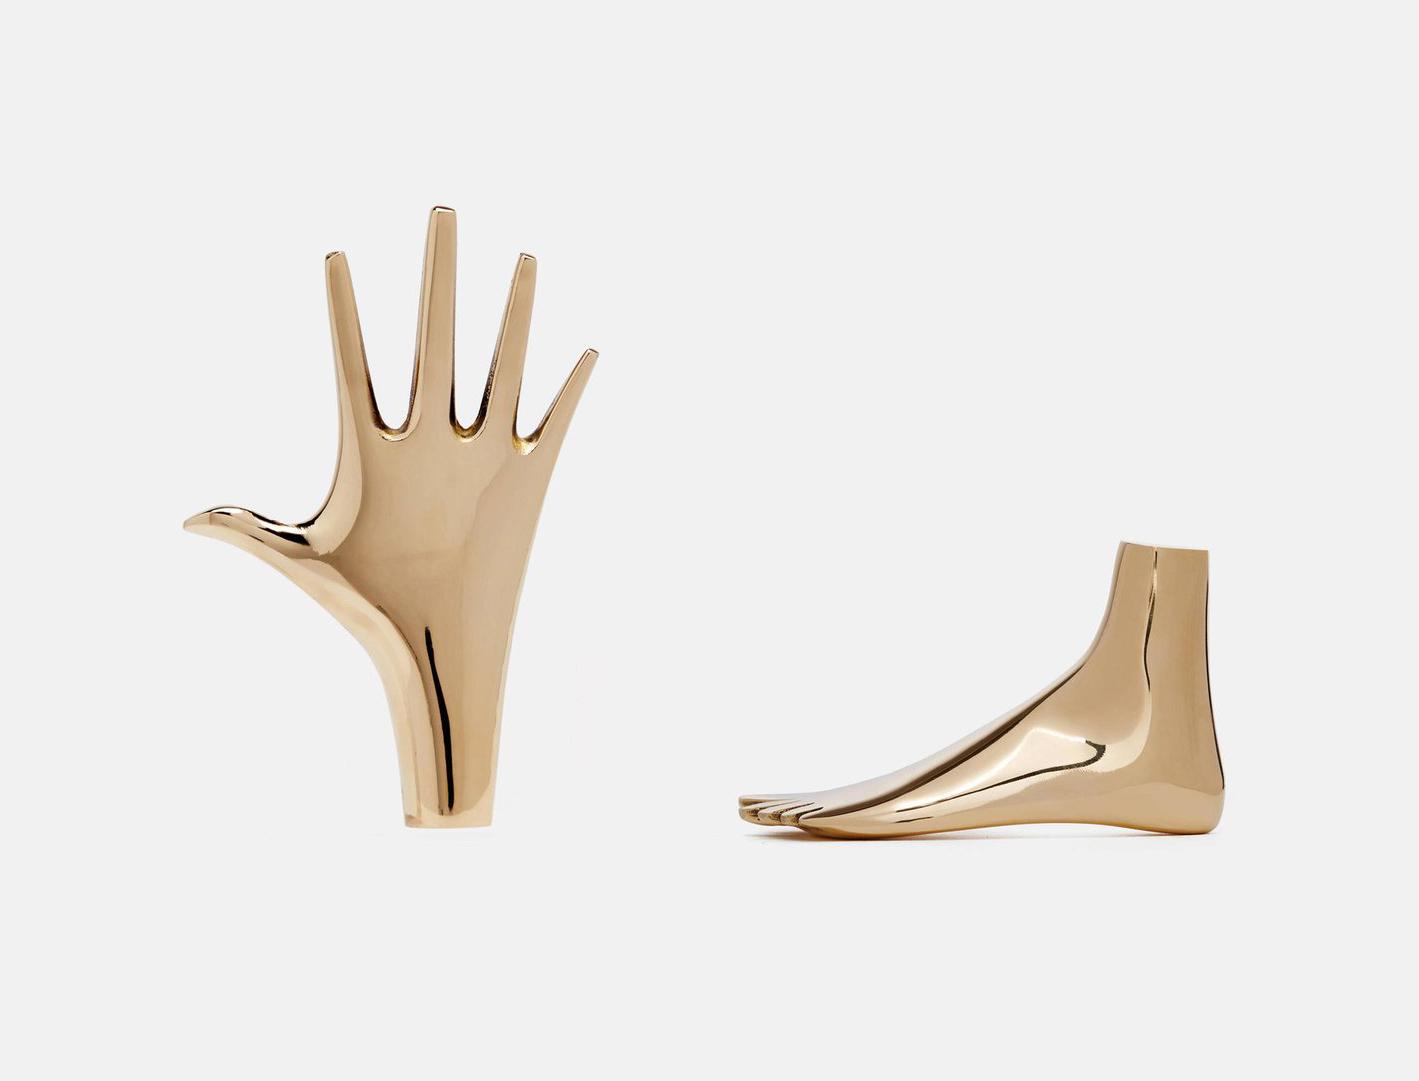 策展人:当这套雕塑被放在沃尔特·格罗皮乌斯的桌子上时,它会透露出一种别样的情结。 - 这两件雕塑都是由Carl Aubock II在1950年前后设计和构思的。除了可被用做镇纸外,它还可以被看作是手或脚的形态,也可以充当瓶塞。手象征着一个人被淹没在酒瓶中,又或一个人的脚从酒瓶中伸出来。幽默始终是这位艺术家设计和绘画中的重要手法。成品是在原始铸件模型的基础上制作而成的,它采用了相同的技术,即在沙子中铸造黄铜。这两件都是Carl Aubock II最具代表性的作品。